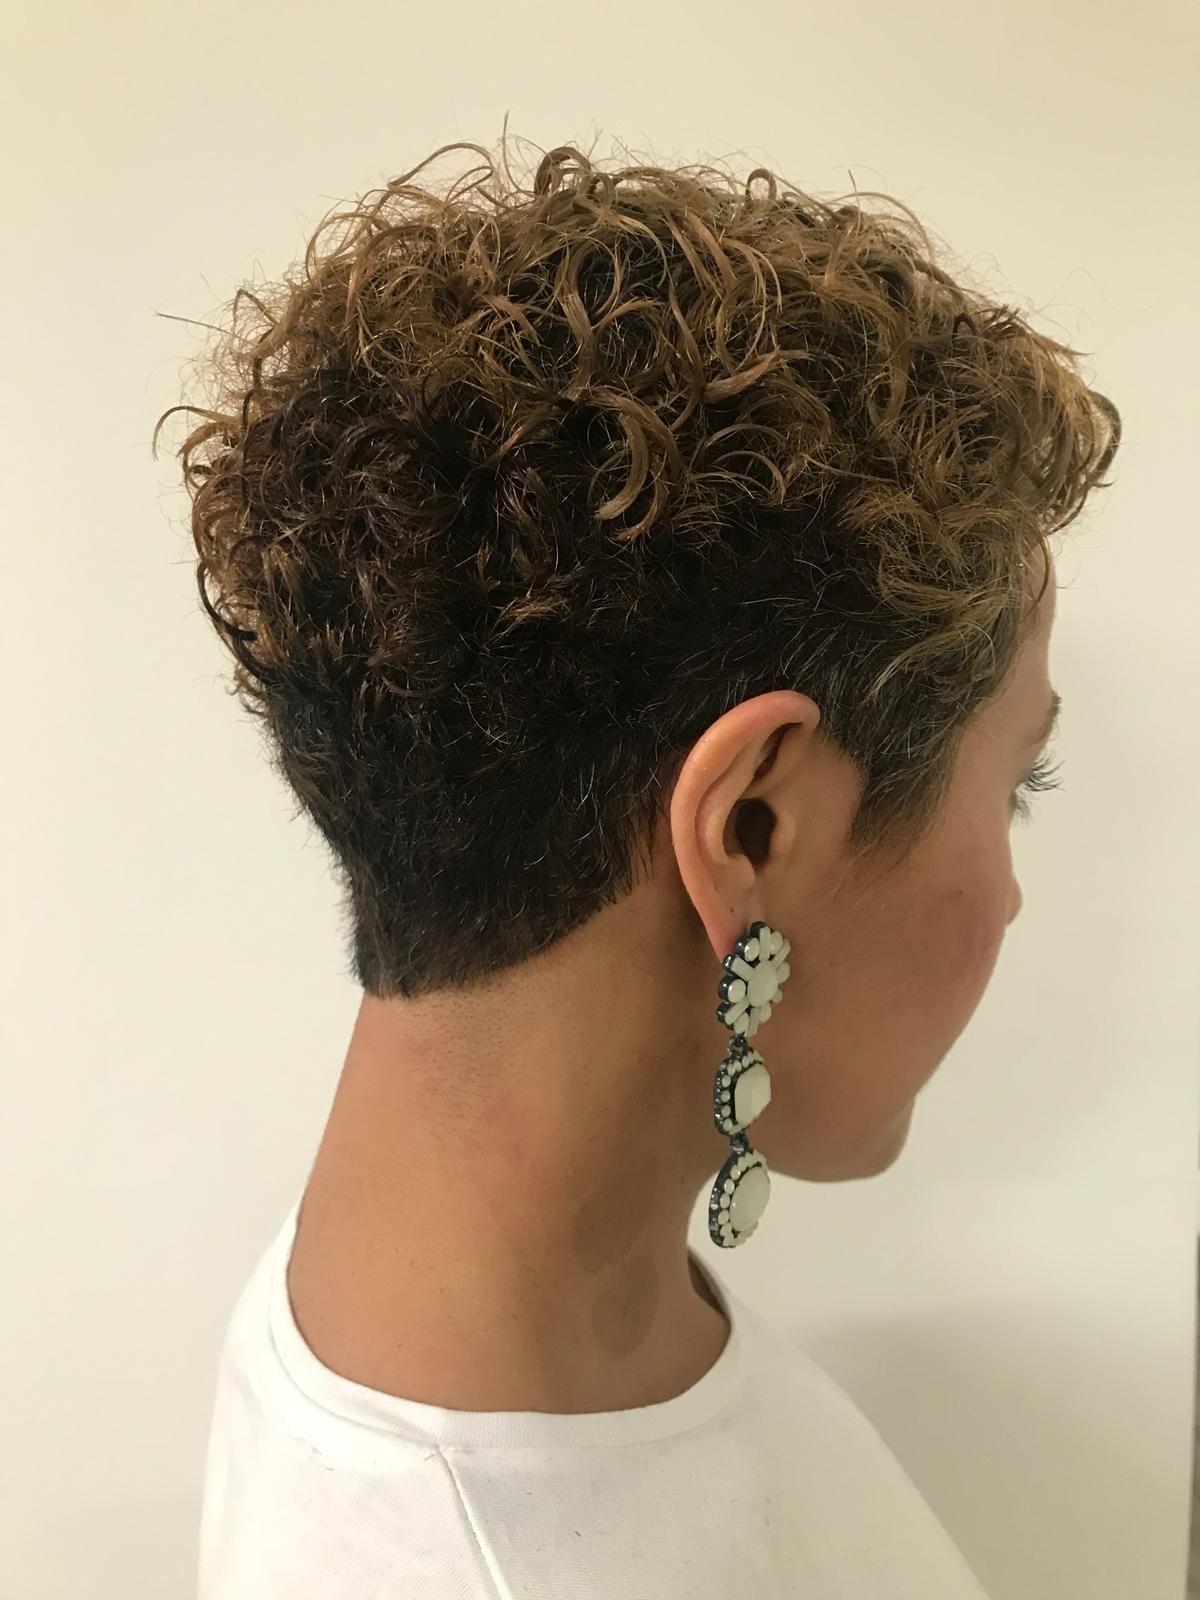 Salon de coiffure professionnel spécialiste des ch